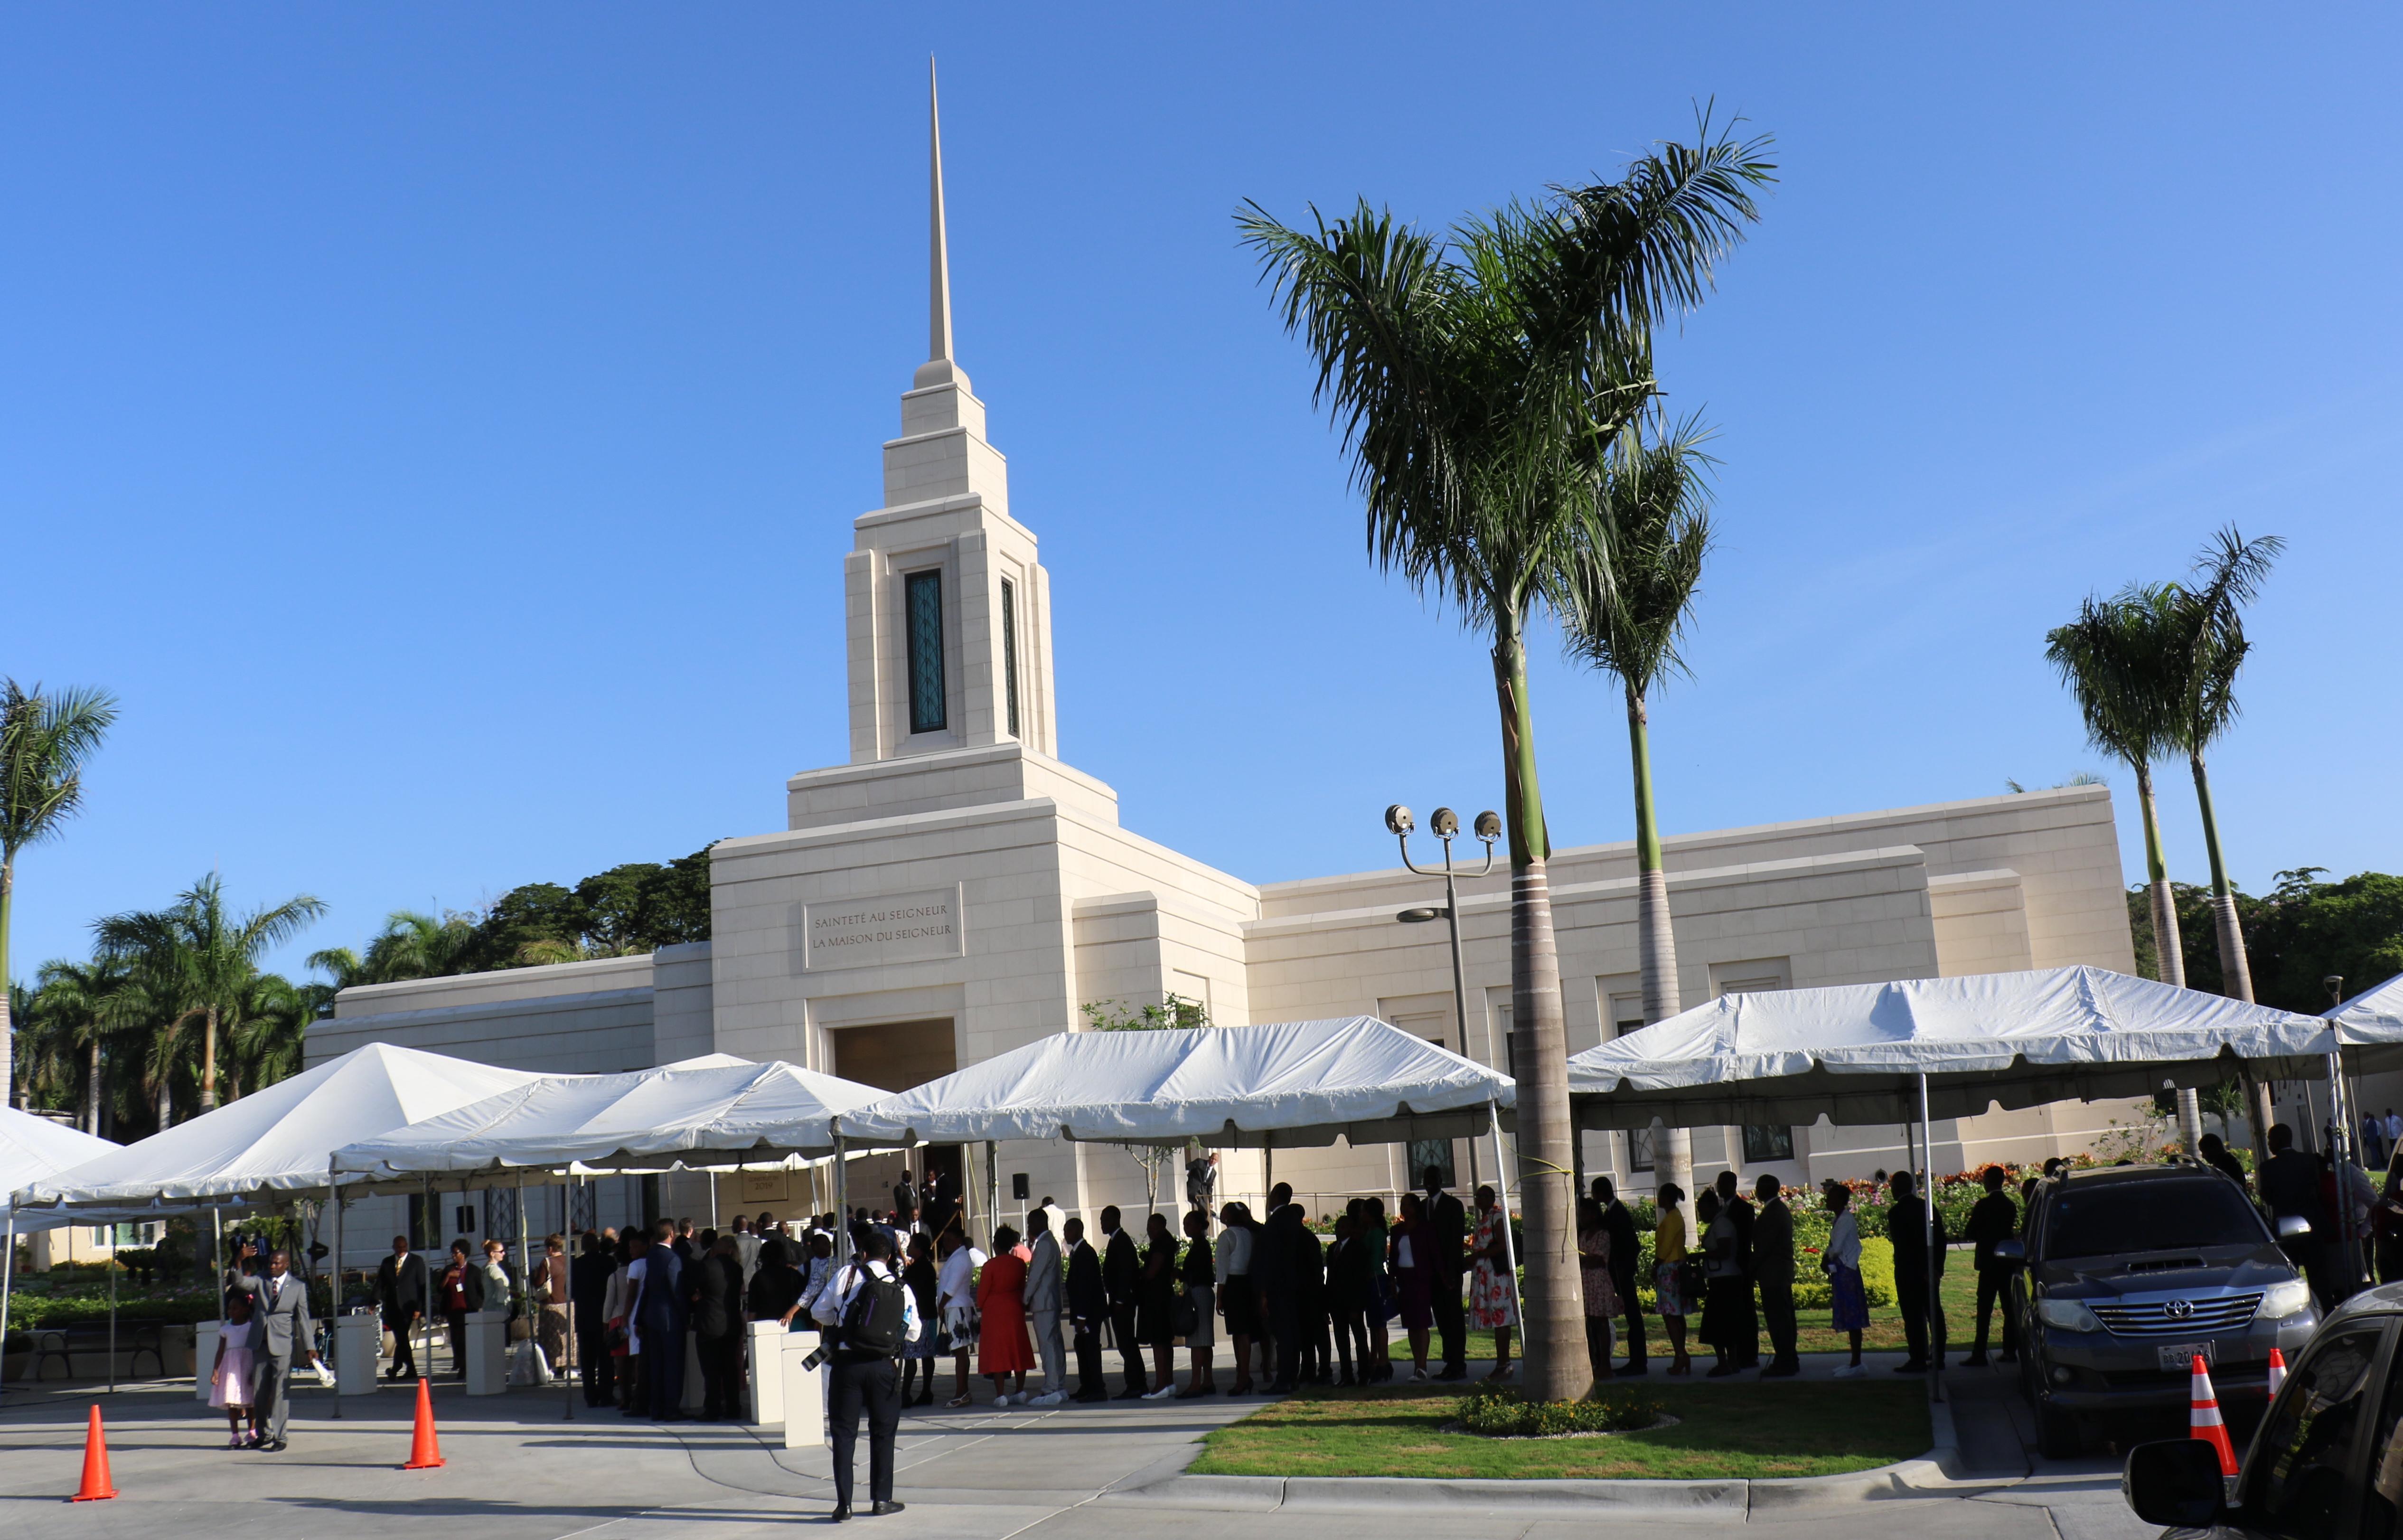 Cientos esperan para entrar al Templo de Puerto Príncipe Haití para la dedicación el 1 de septiembre de 2019.